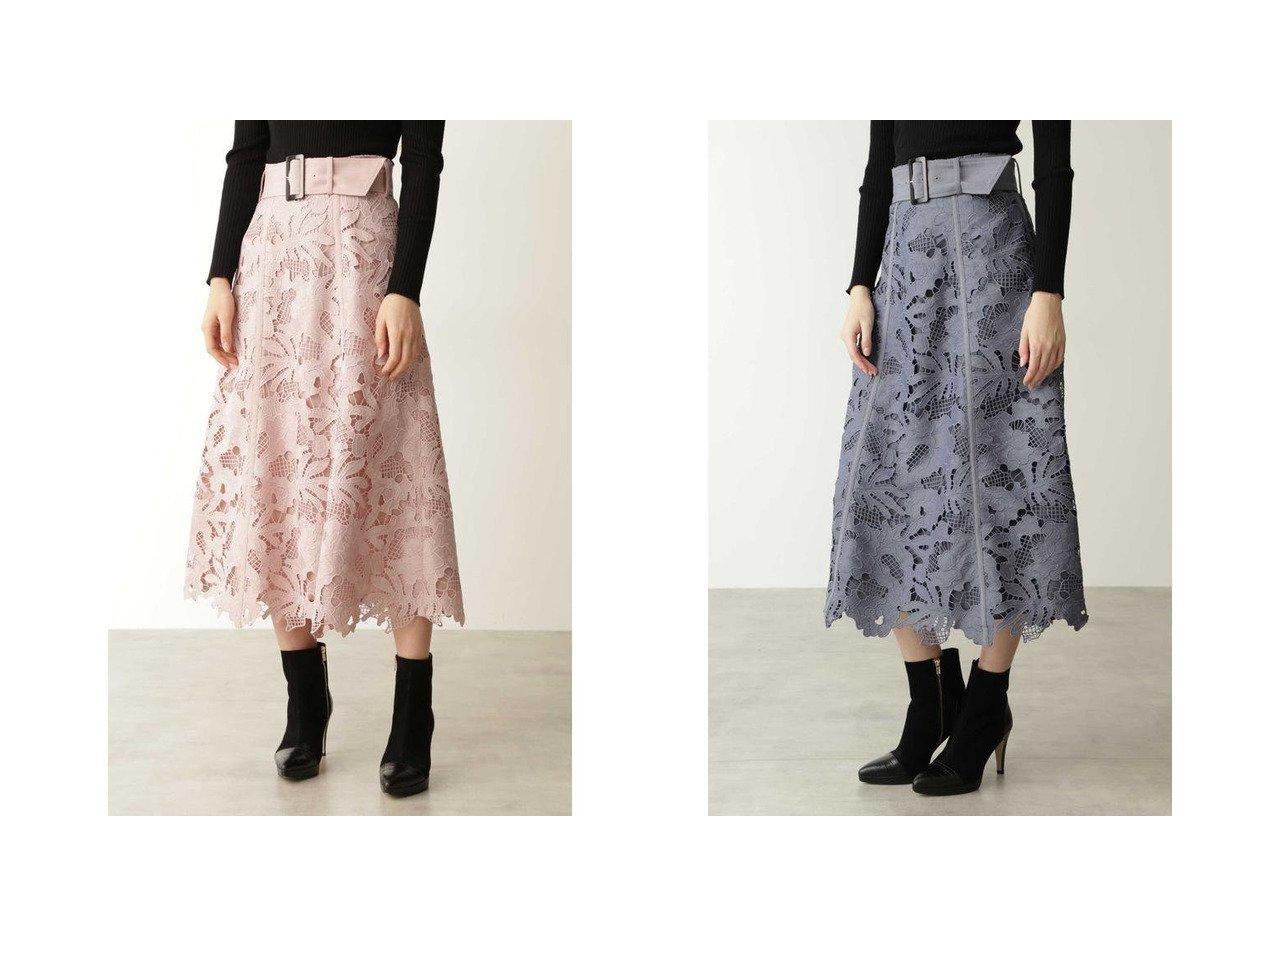 【Pinky&Dianne/ピンキーアンドダイアン】のフラワーケミカルレースフレアスカート スカートのおすすめ!人気、レディースファッションの通販  おすすめで人気のファッション通販商品 インテリア・家具・キッズファッション・メンズファッション・レディースファッション・服の通販 founy(ファニー) https://founy.com/ ファッション Fashion レディース WOMEN スカート Skirt Aライン/フレアスカート Flared A-Line Skirts ケミカル スマート フラワー フレア モチーフ レース |ID:crp329100000004059